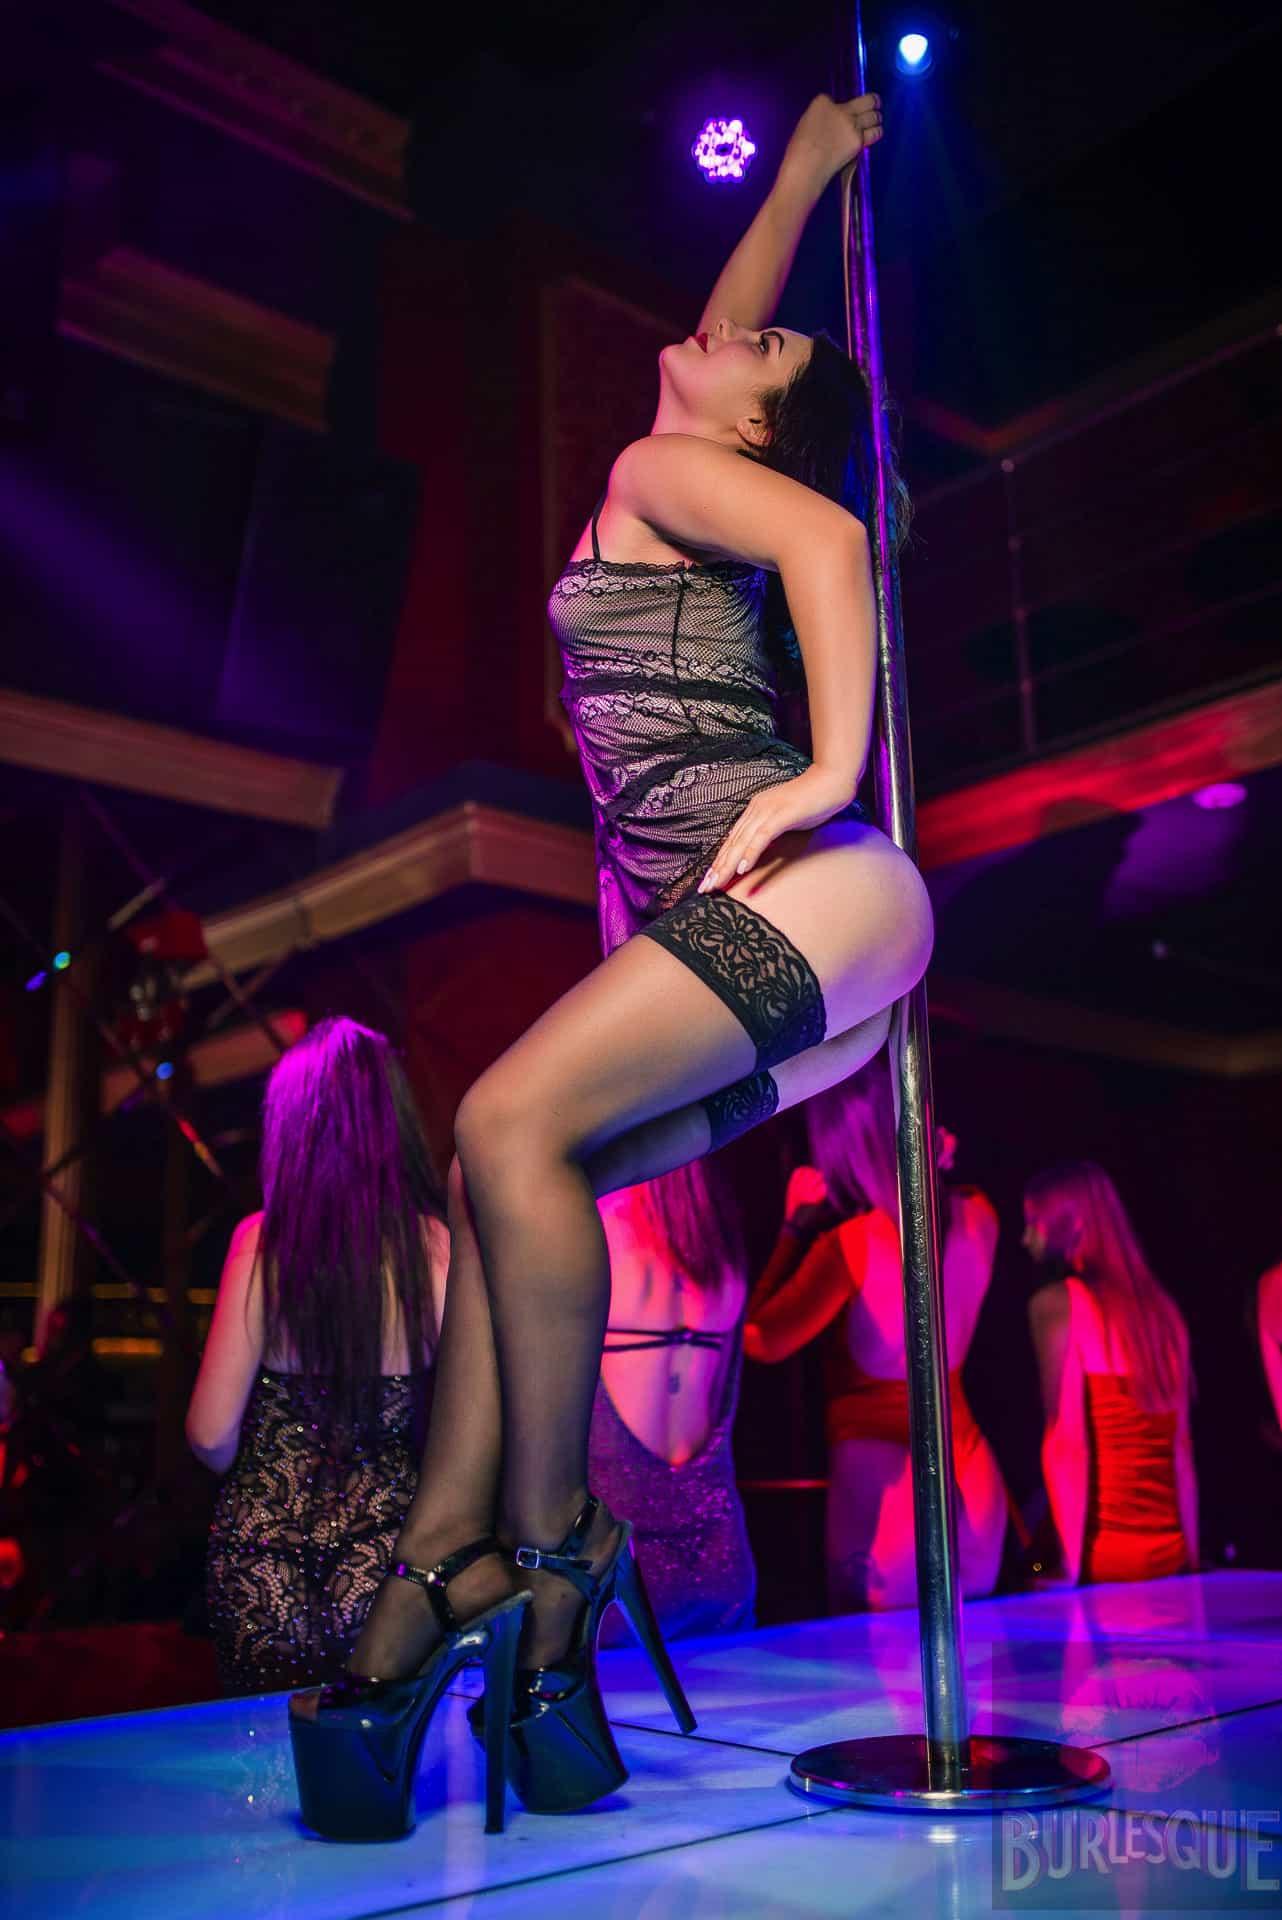 Dancers job in the best strip club in kiev